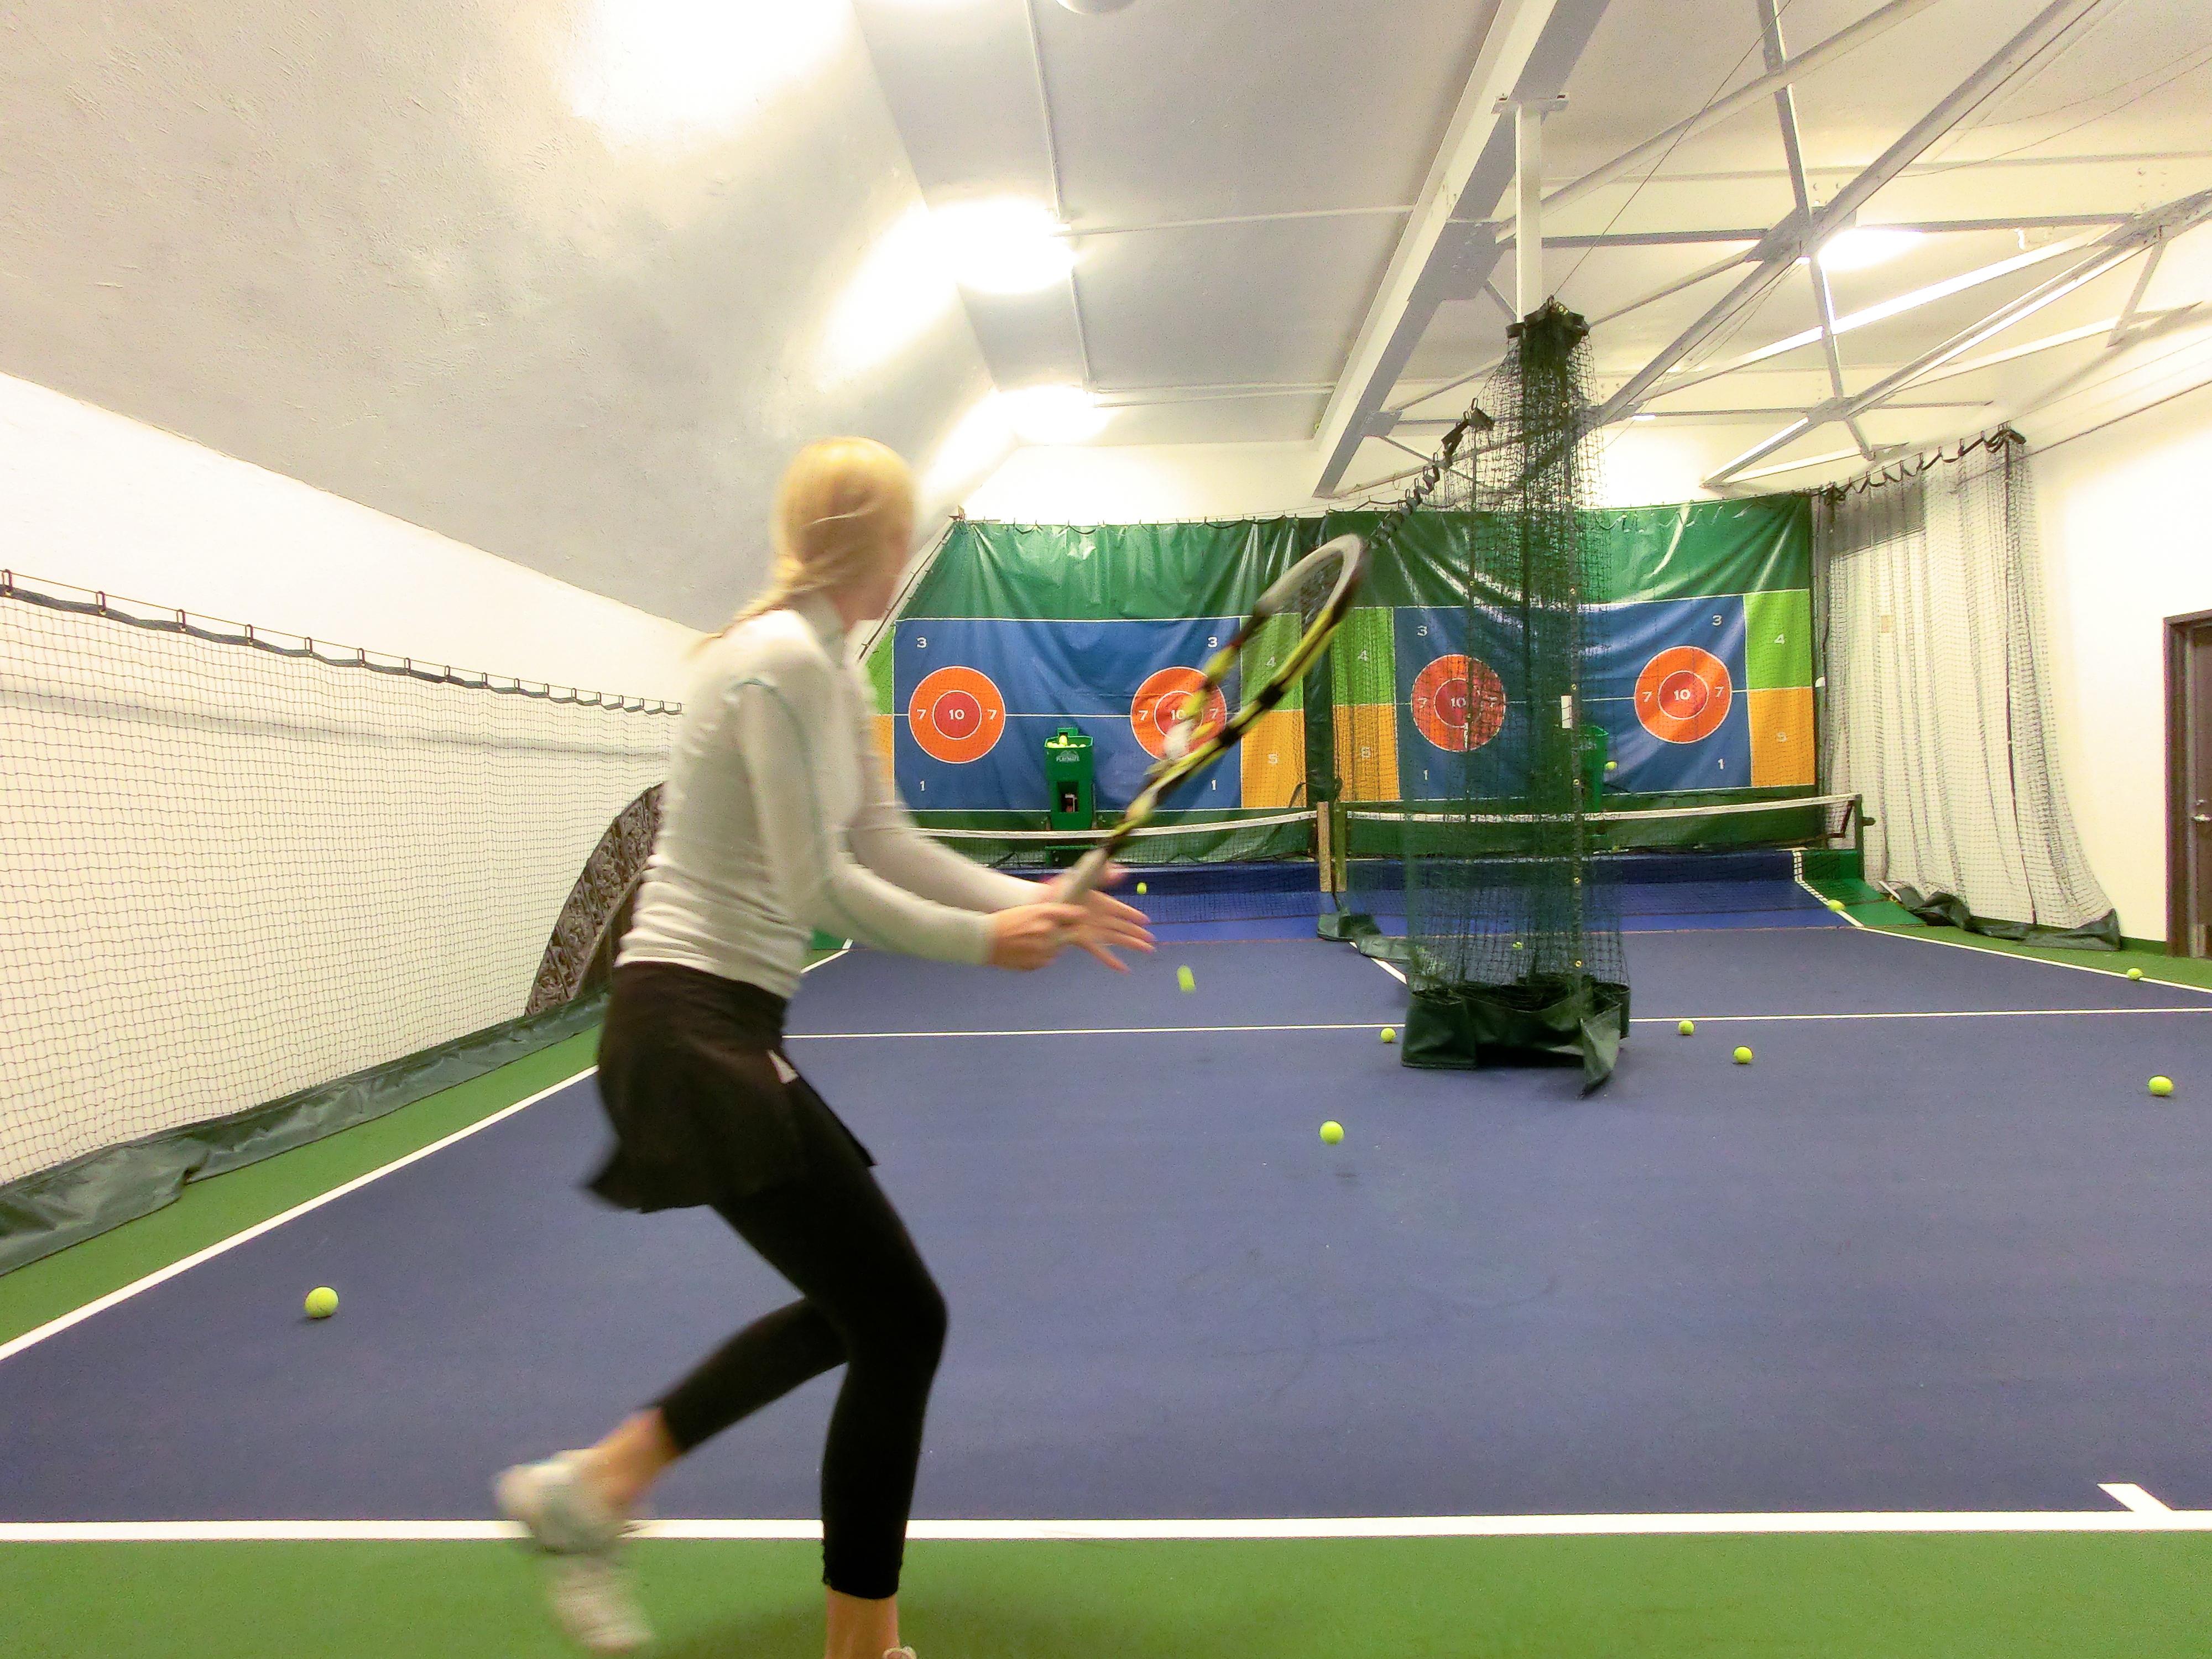 practice_court_Slide